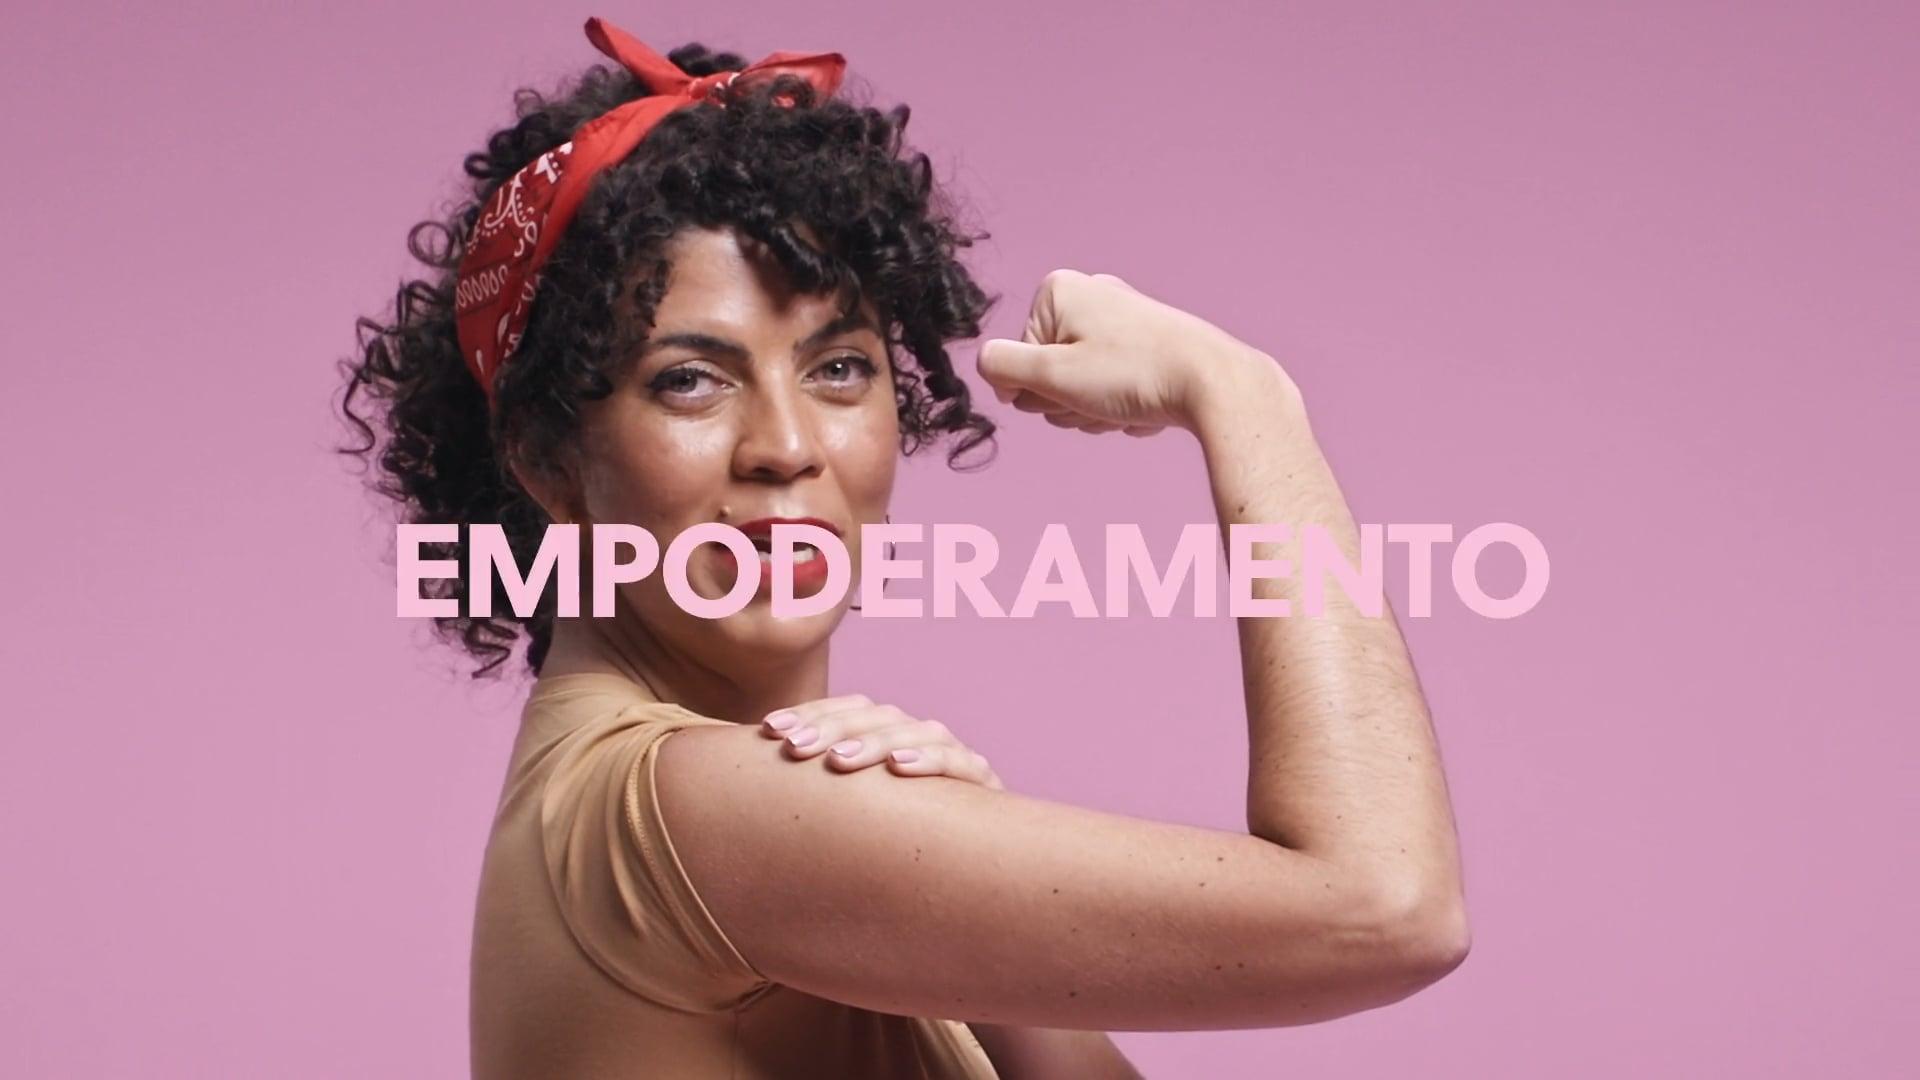 SBT DO BEM - Outubro Rosa - Empodere-se